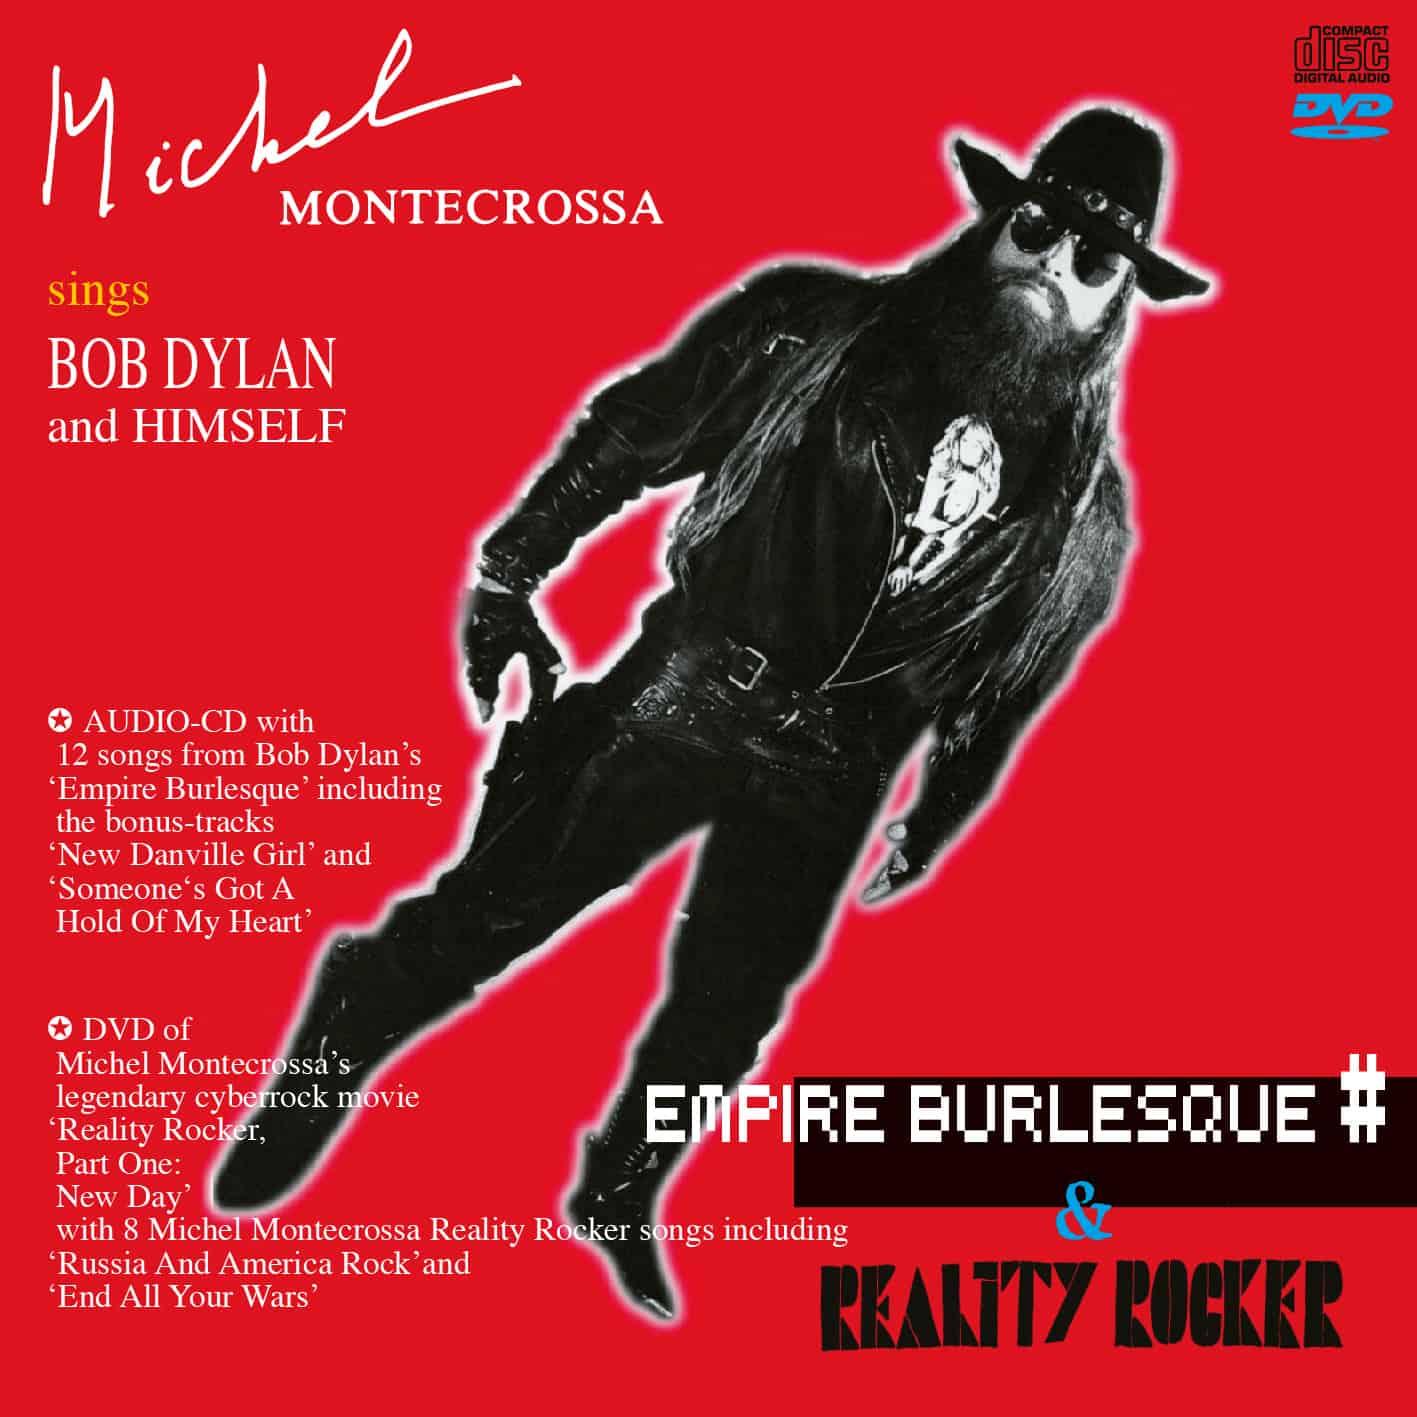 Empire Burlesque # & Reality Rocker